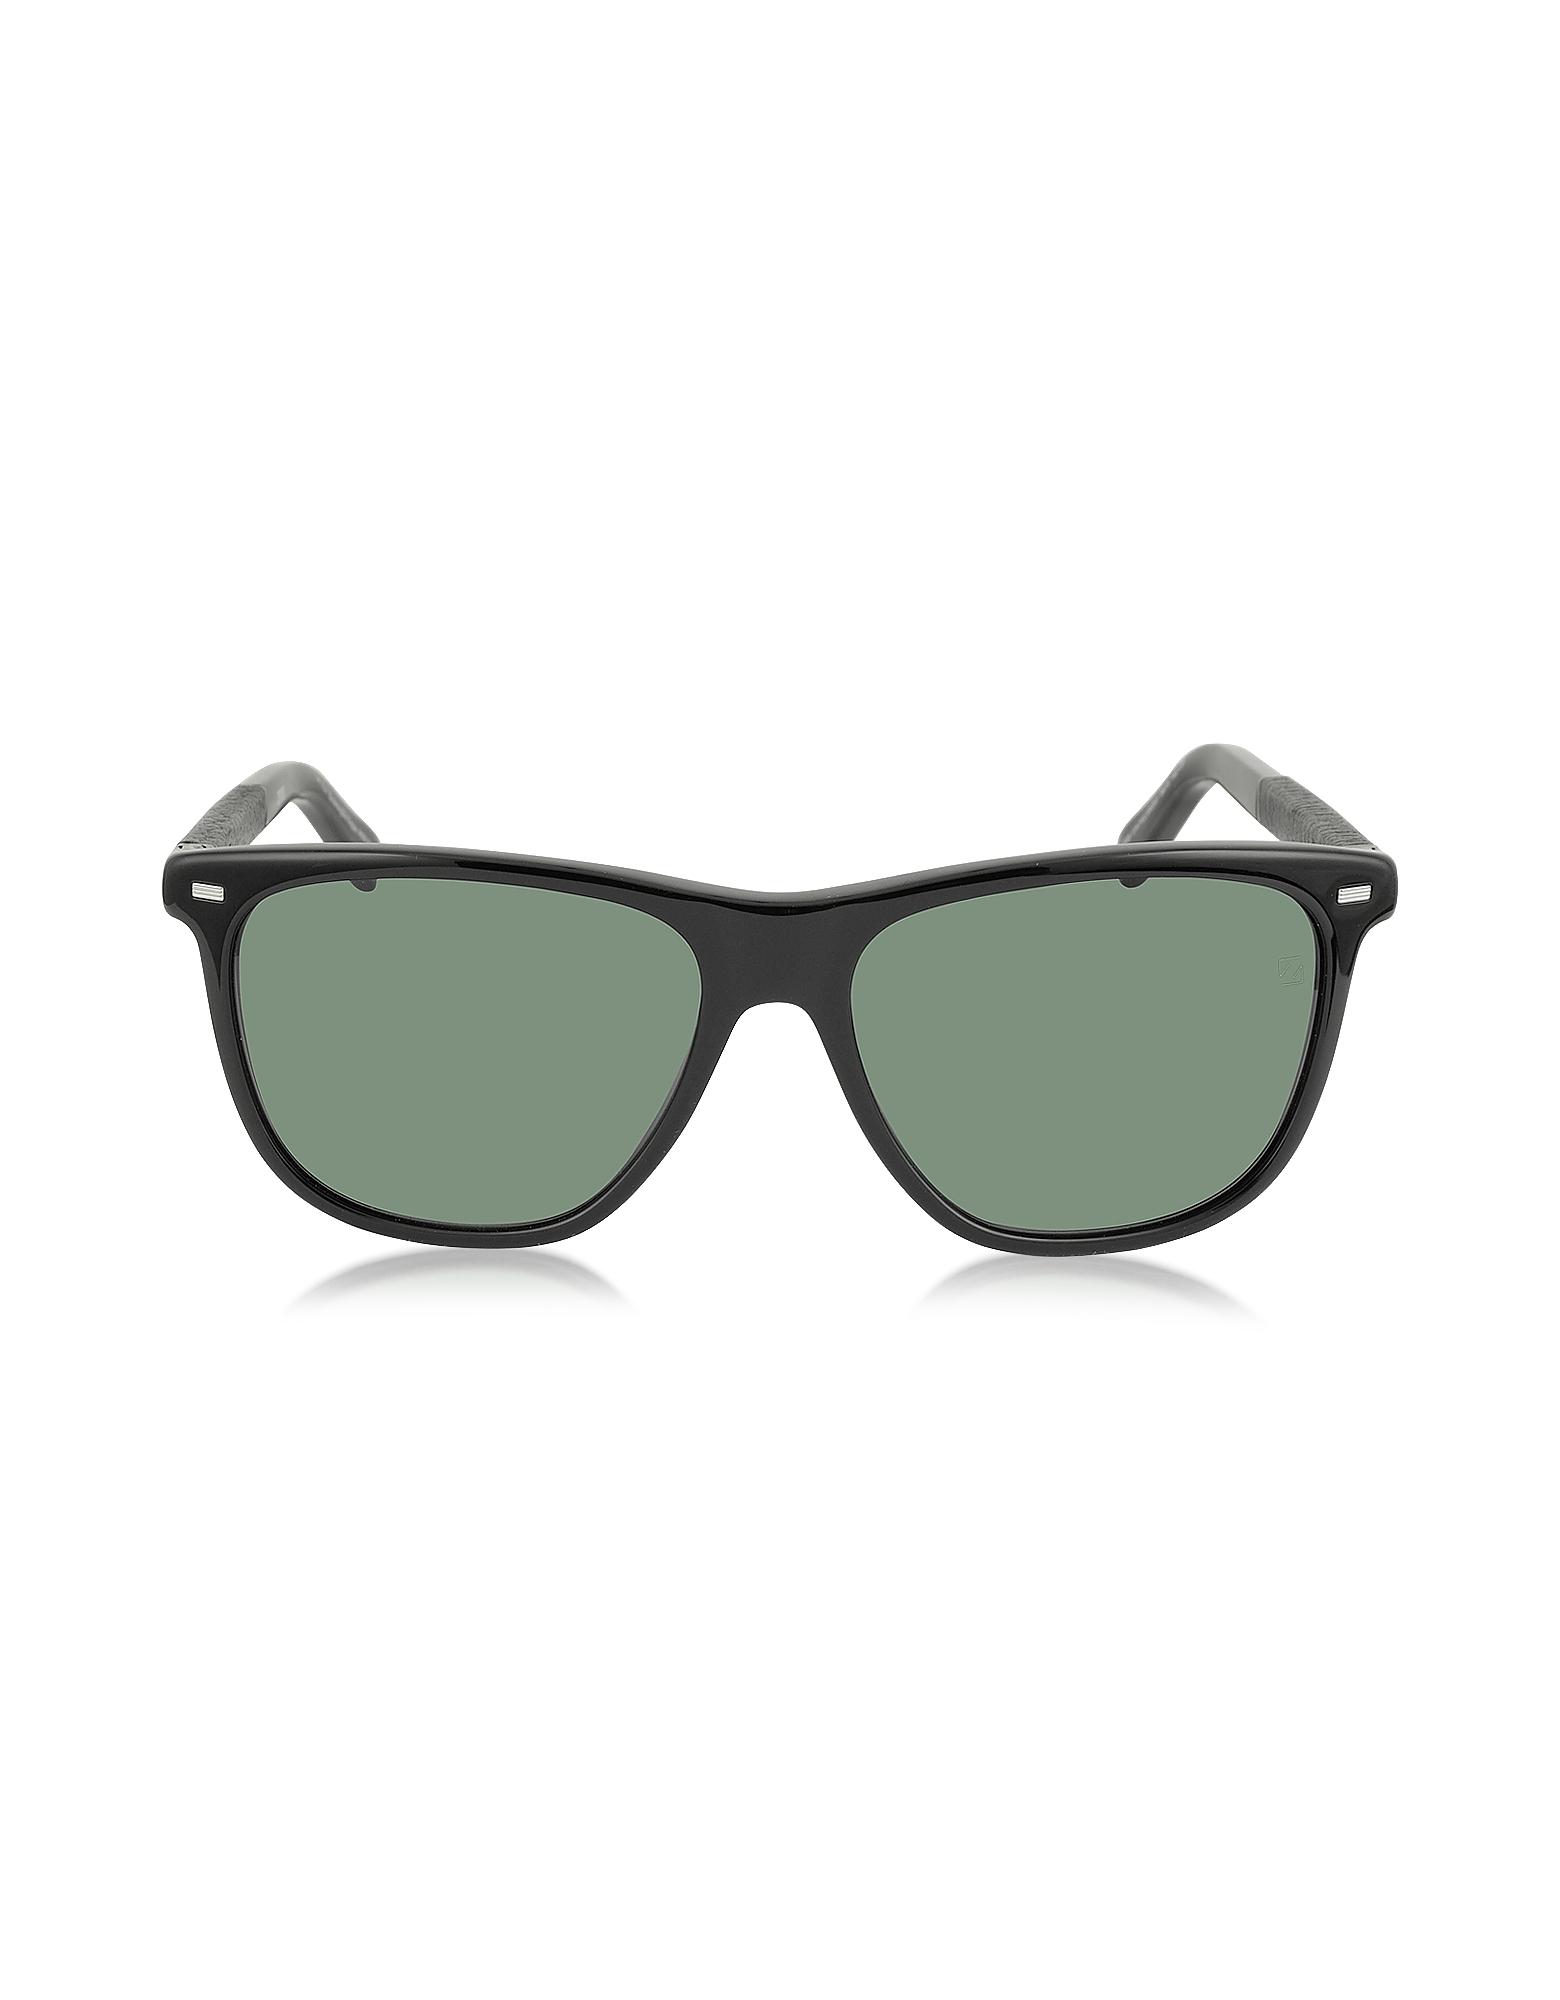 Ermenegildo Zegna Designer Sunglasses, EZ0009 01N Black Polarized Men's Sunglasses